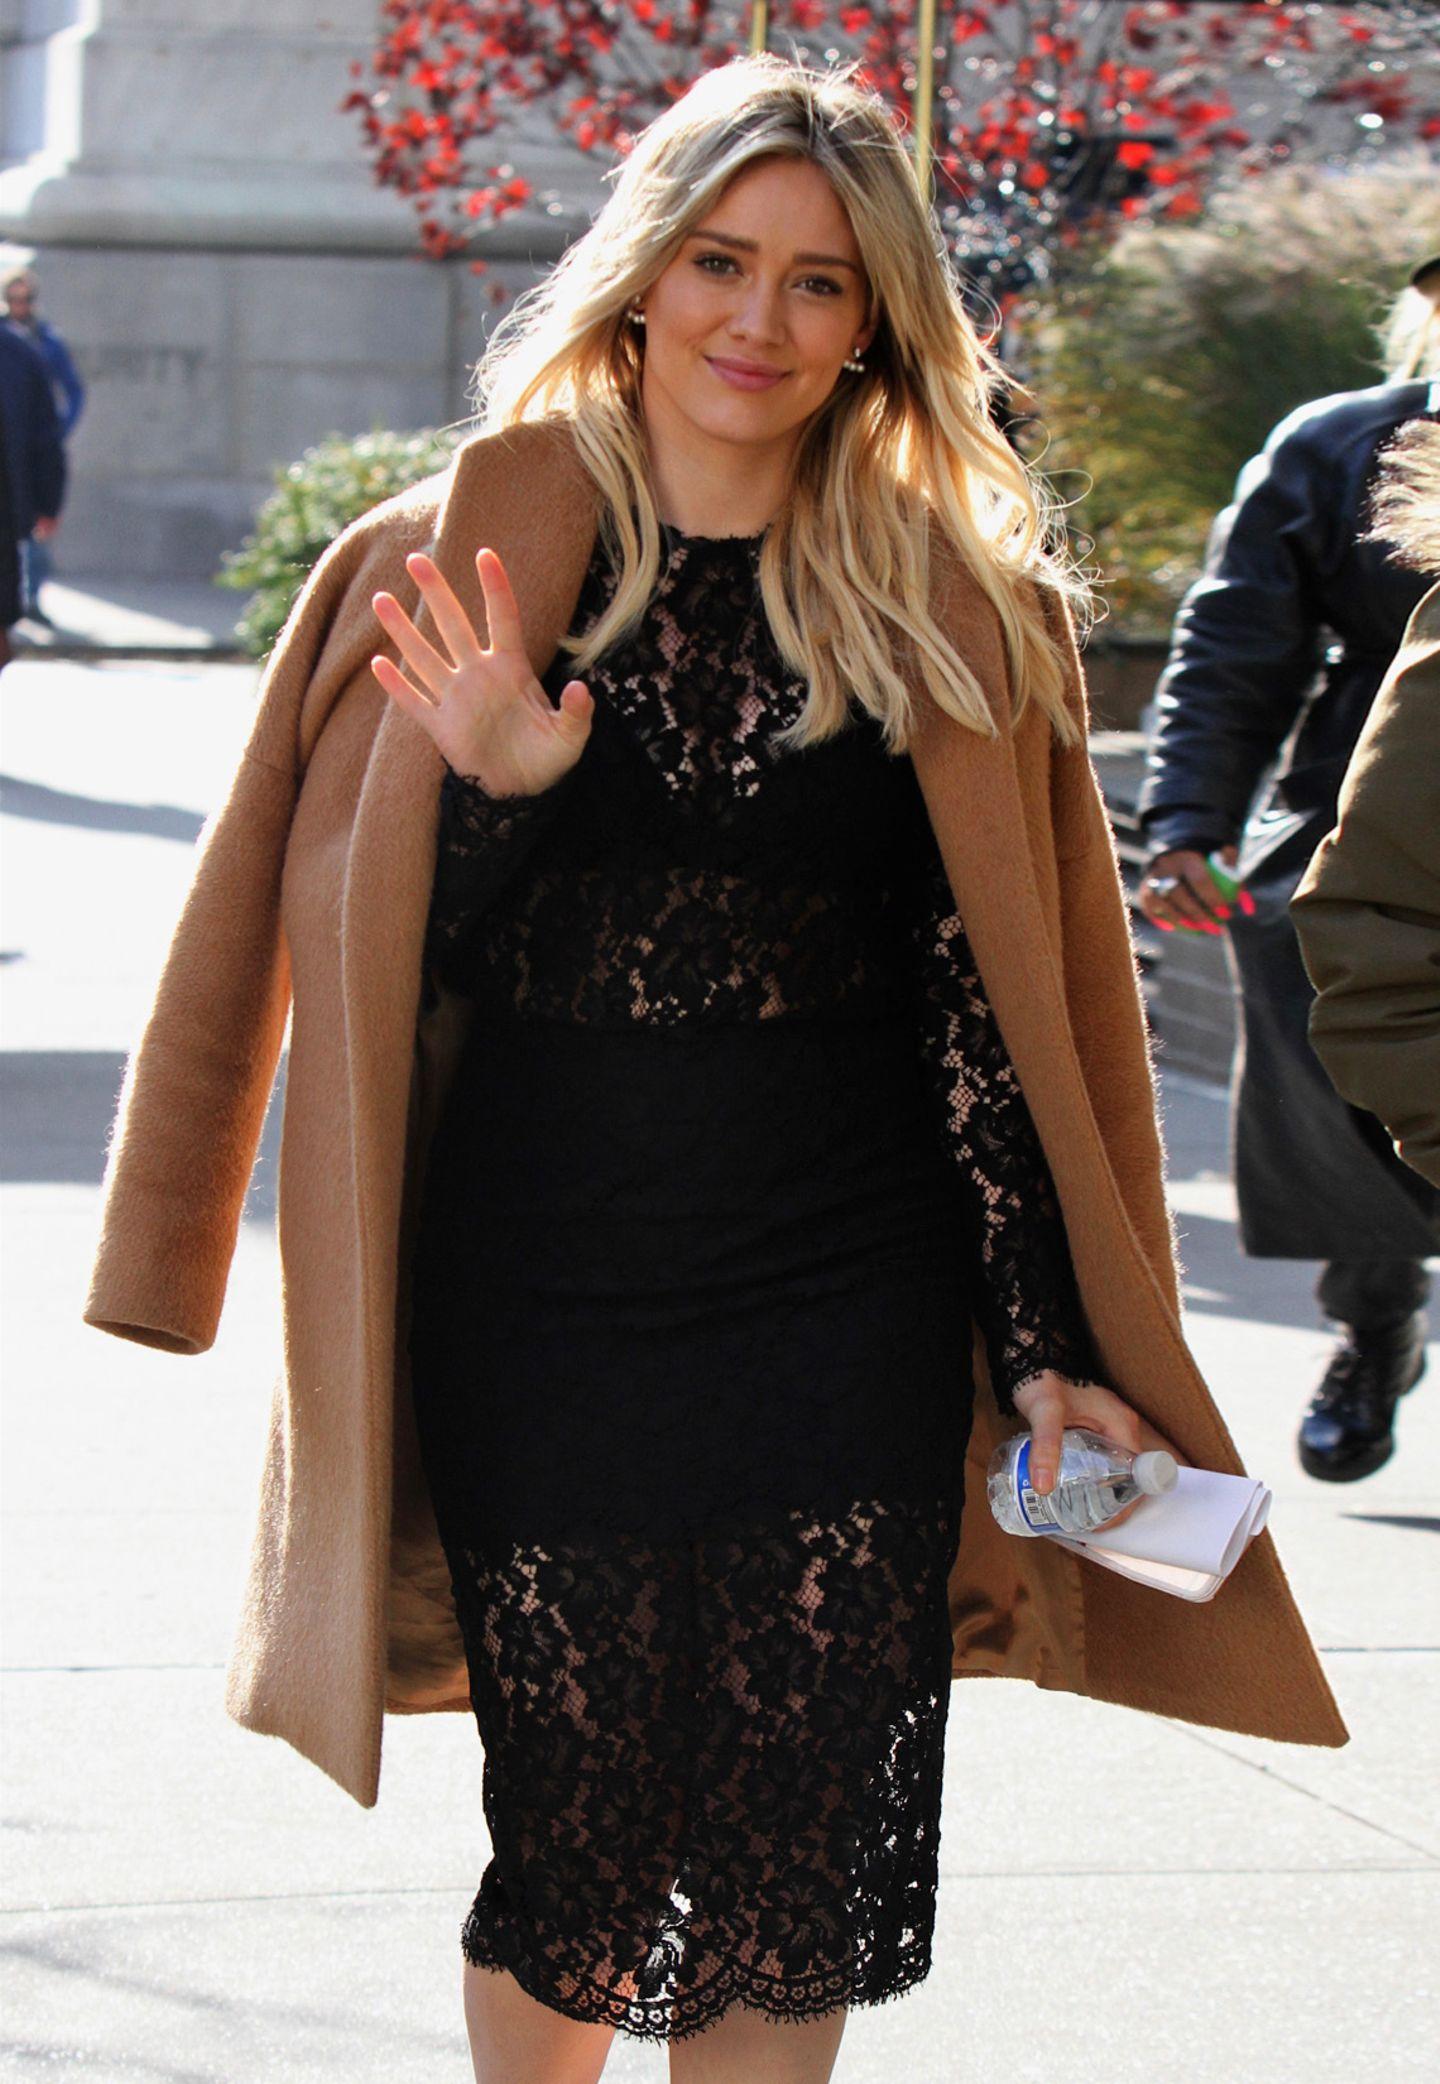 Hilary Duff im sexy Spitzenkleid wärmt sich mit ihrem Kamelhaarmantel beim Spaziergang durch New York.